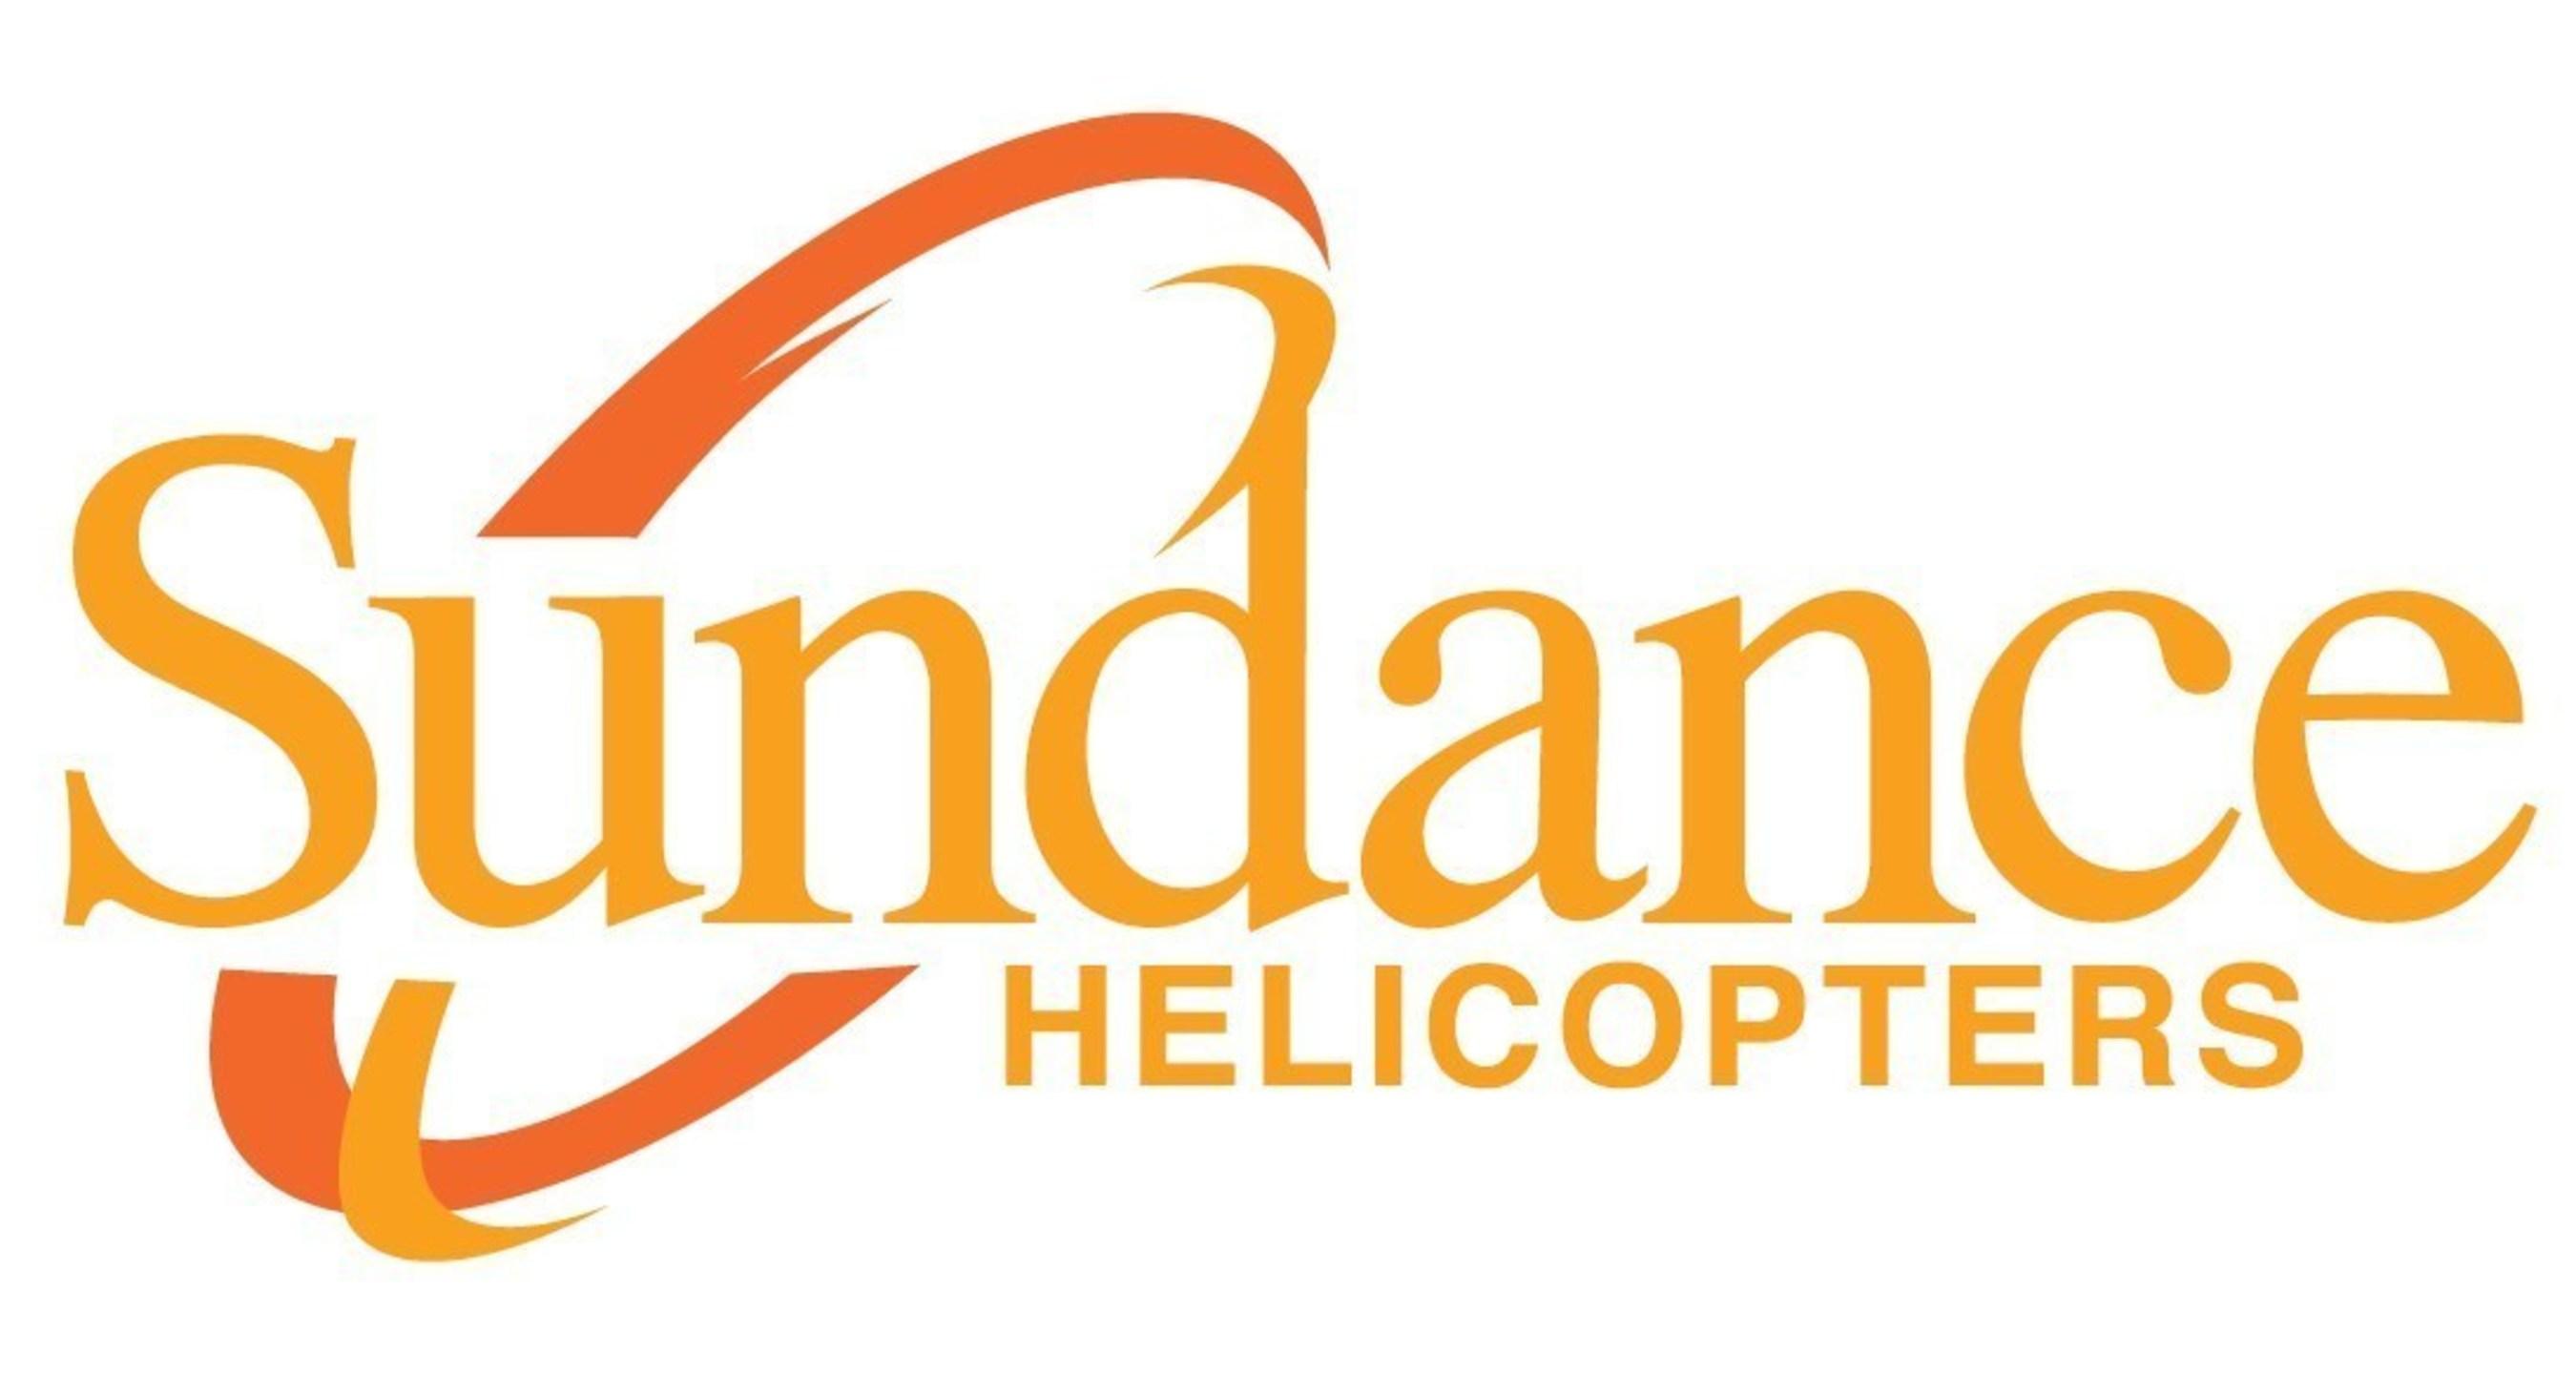 Sundance Helicopters Logo